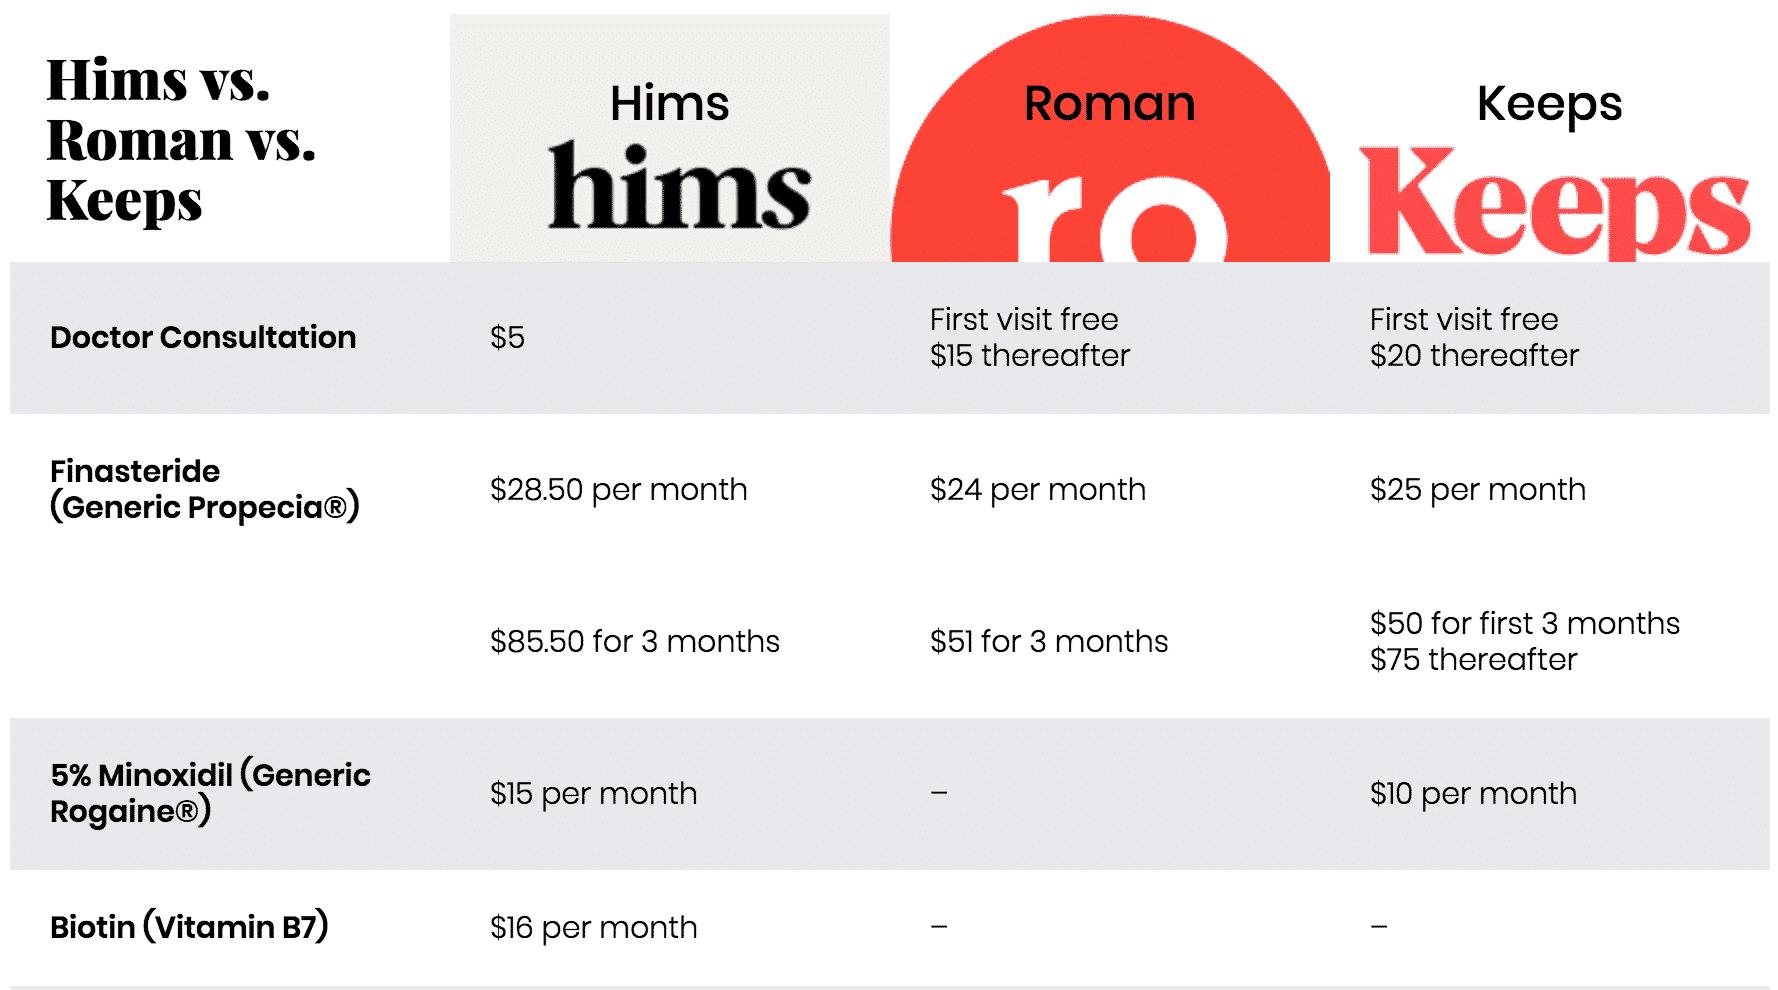 hims vs roman vs keeps